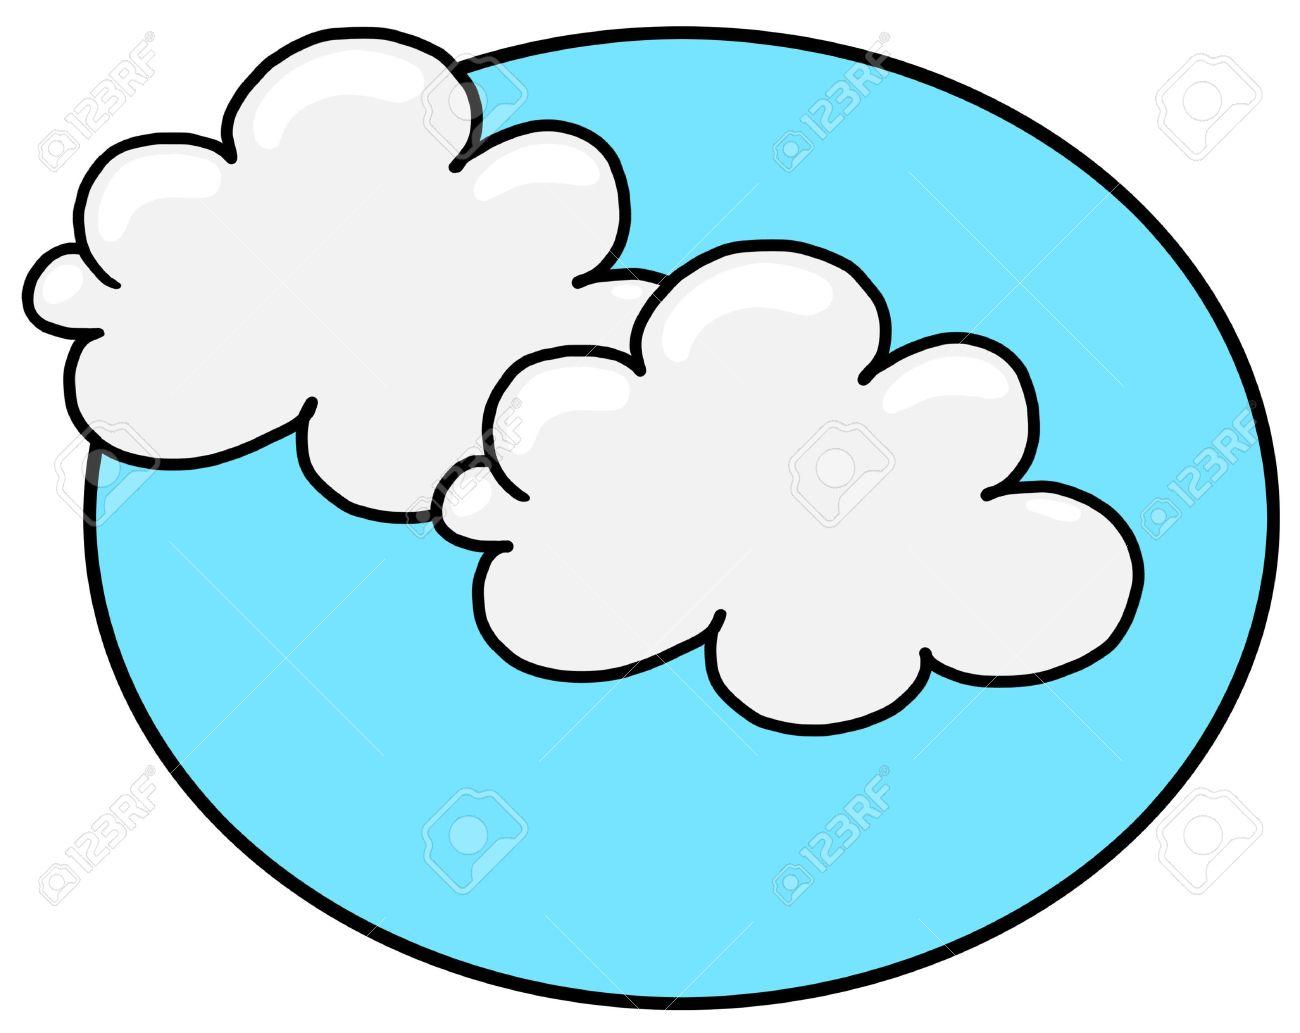 Nubes Blancas Con Ilustración De Cielo Azul Dibujo A Mano Alzada De